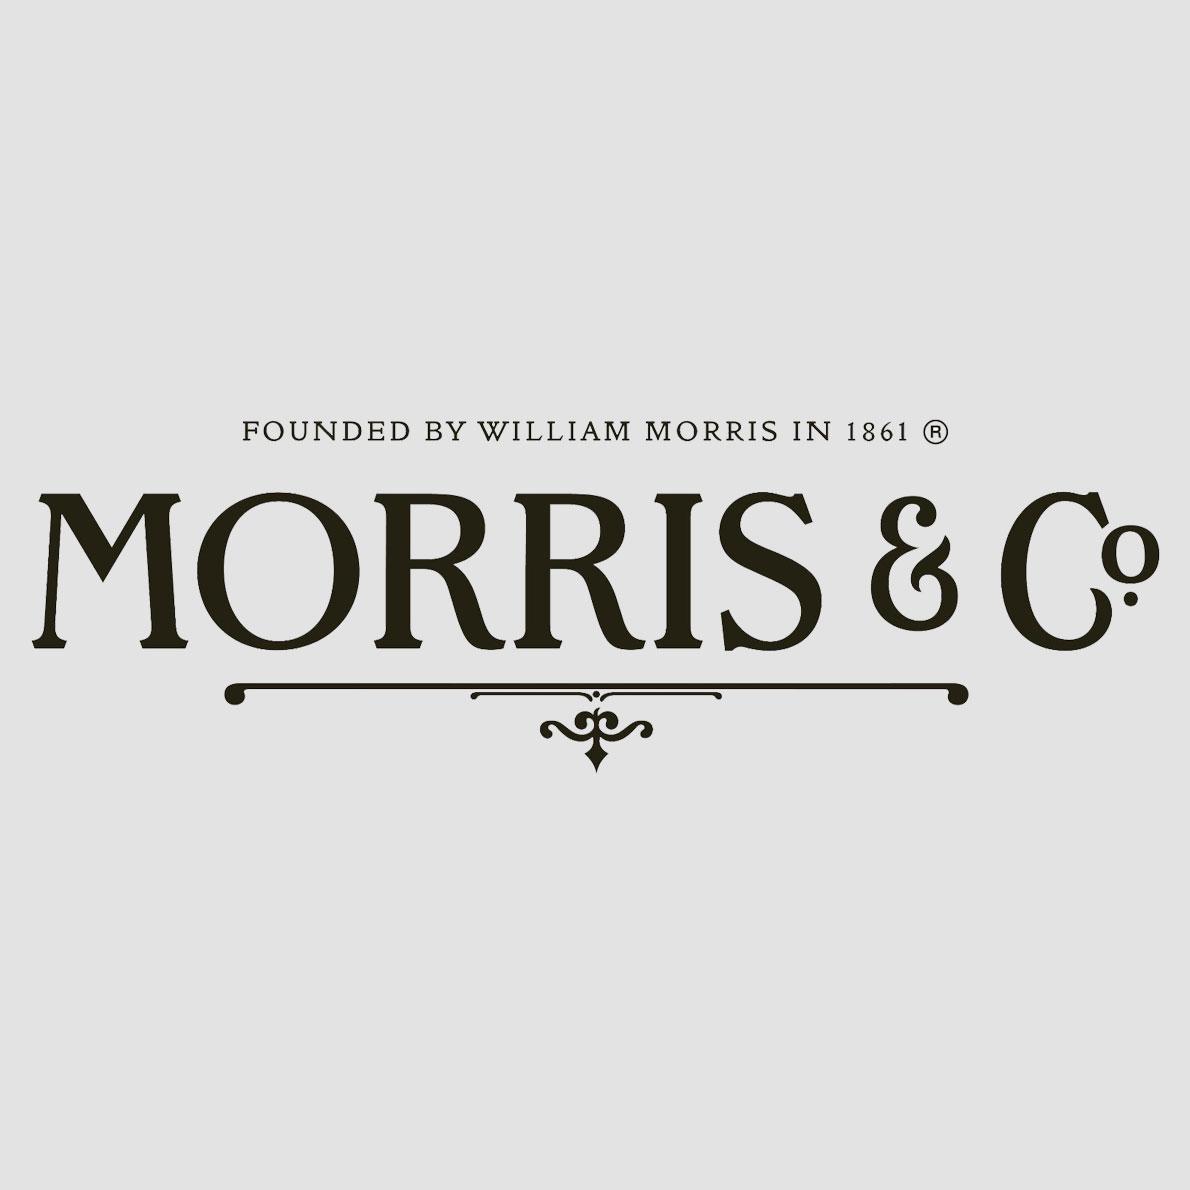 morris_co_logo_grey